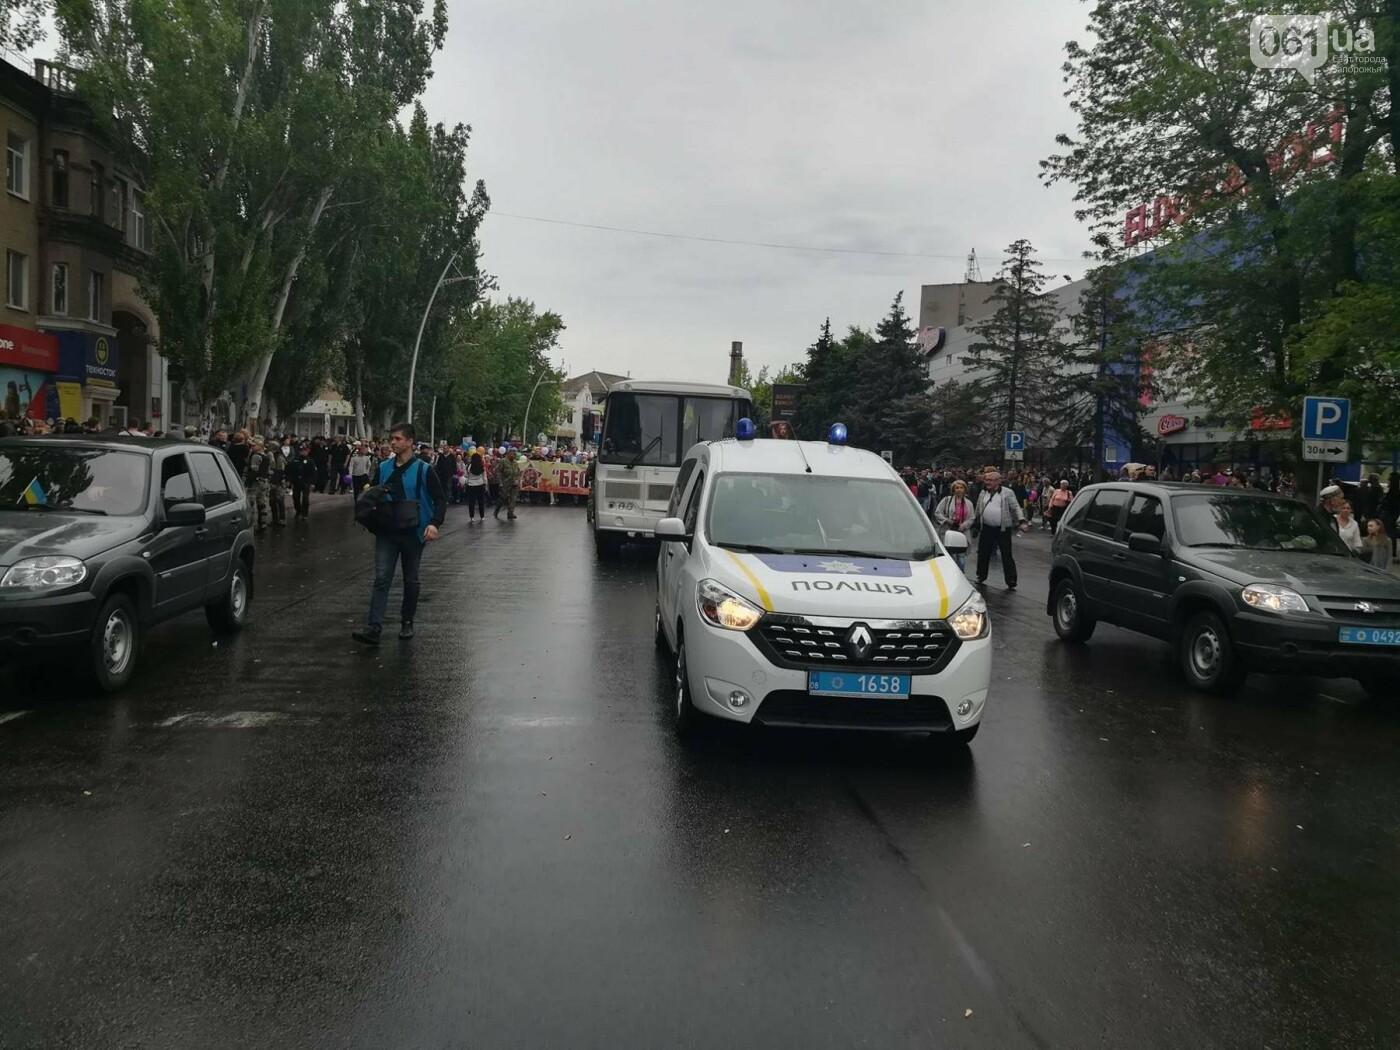 В Мелитополе митинг Балицкого закончился дракой - полиция просила снять георгиевские ленты, - ФОТО, ВИДЕО, фото-12